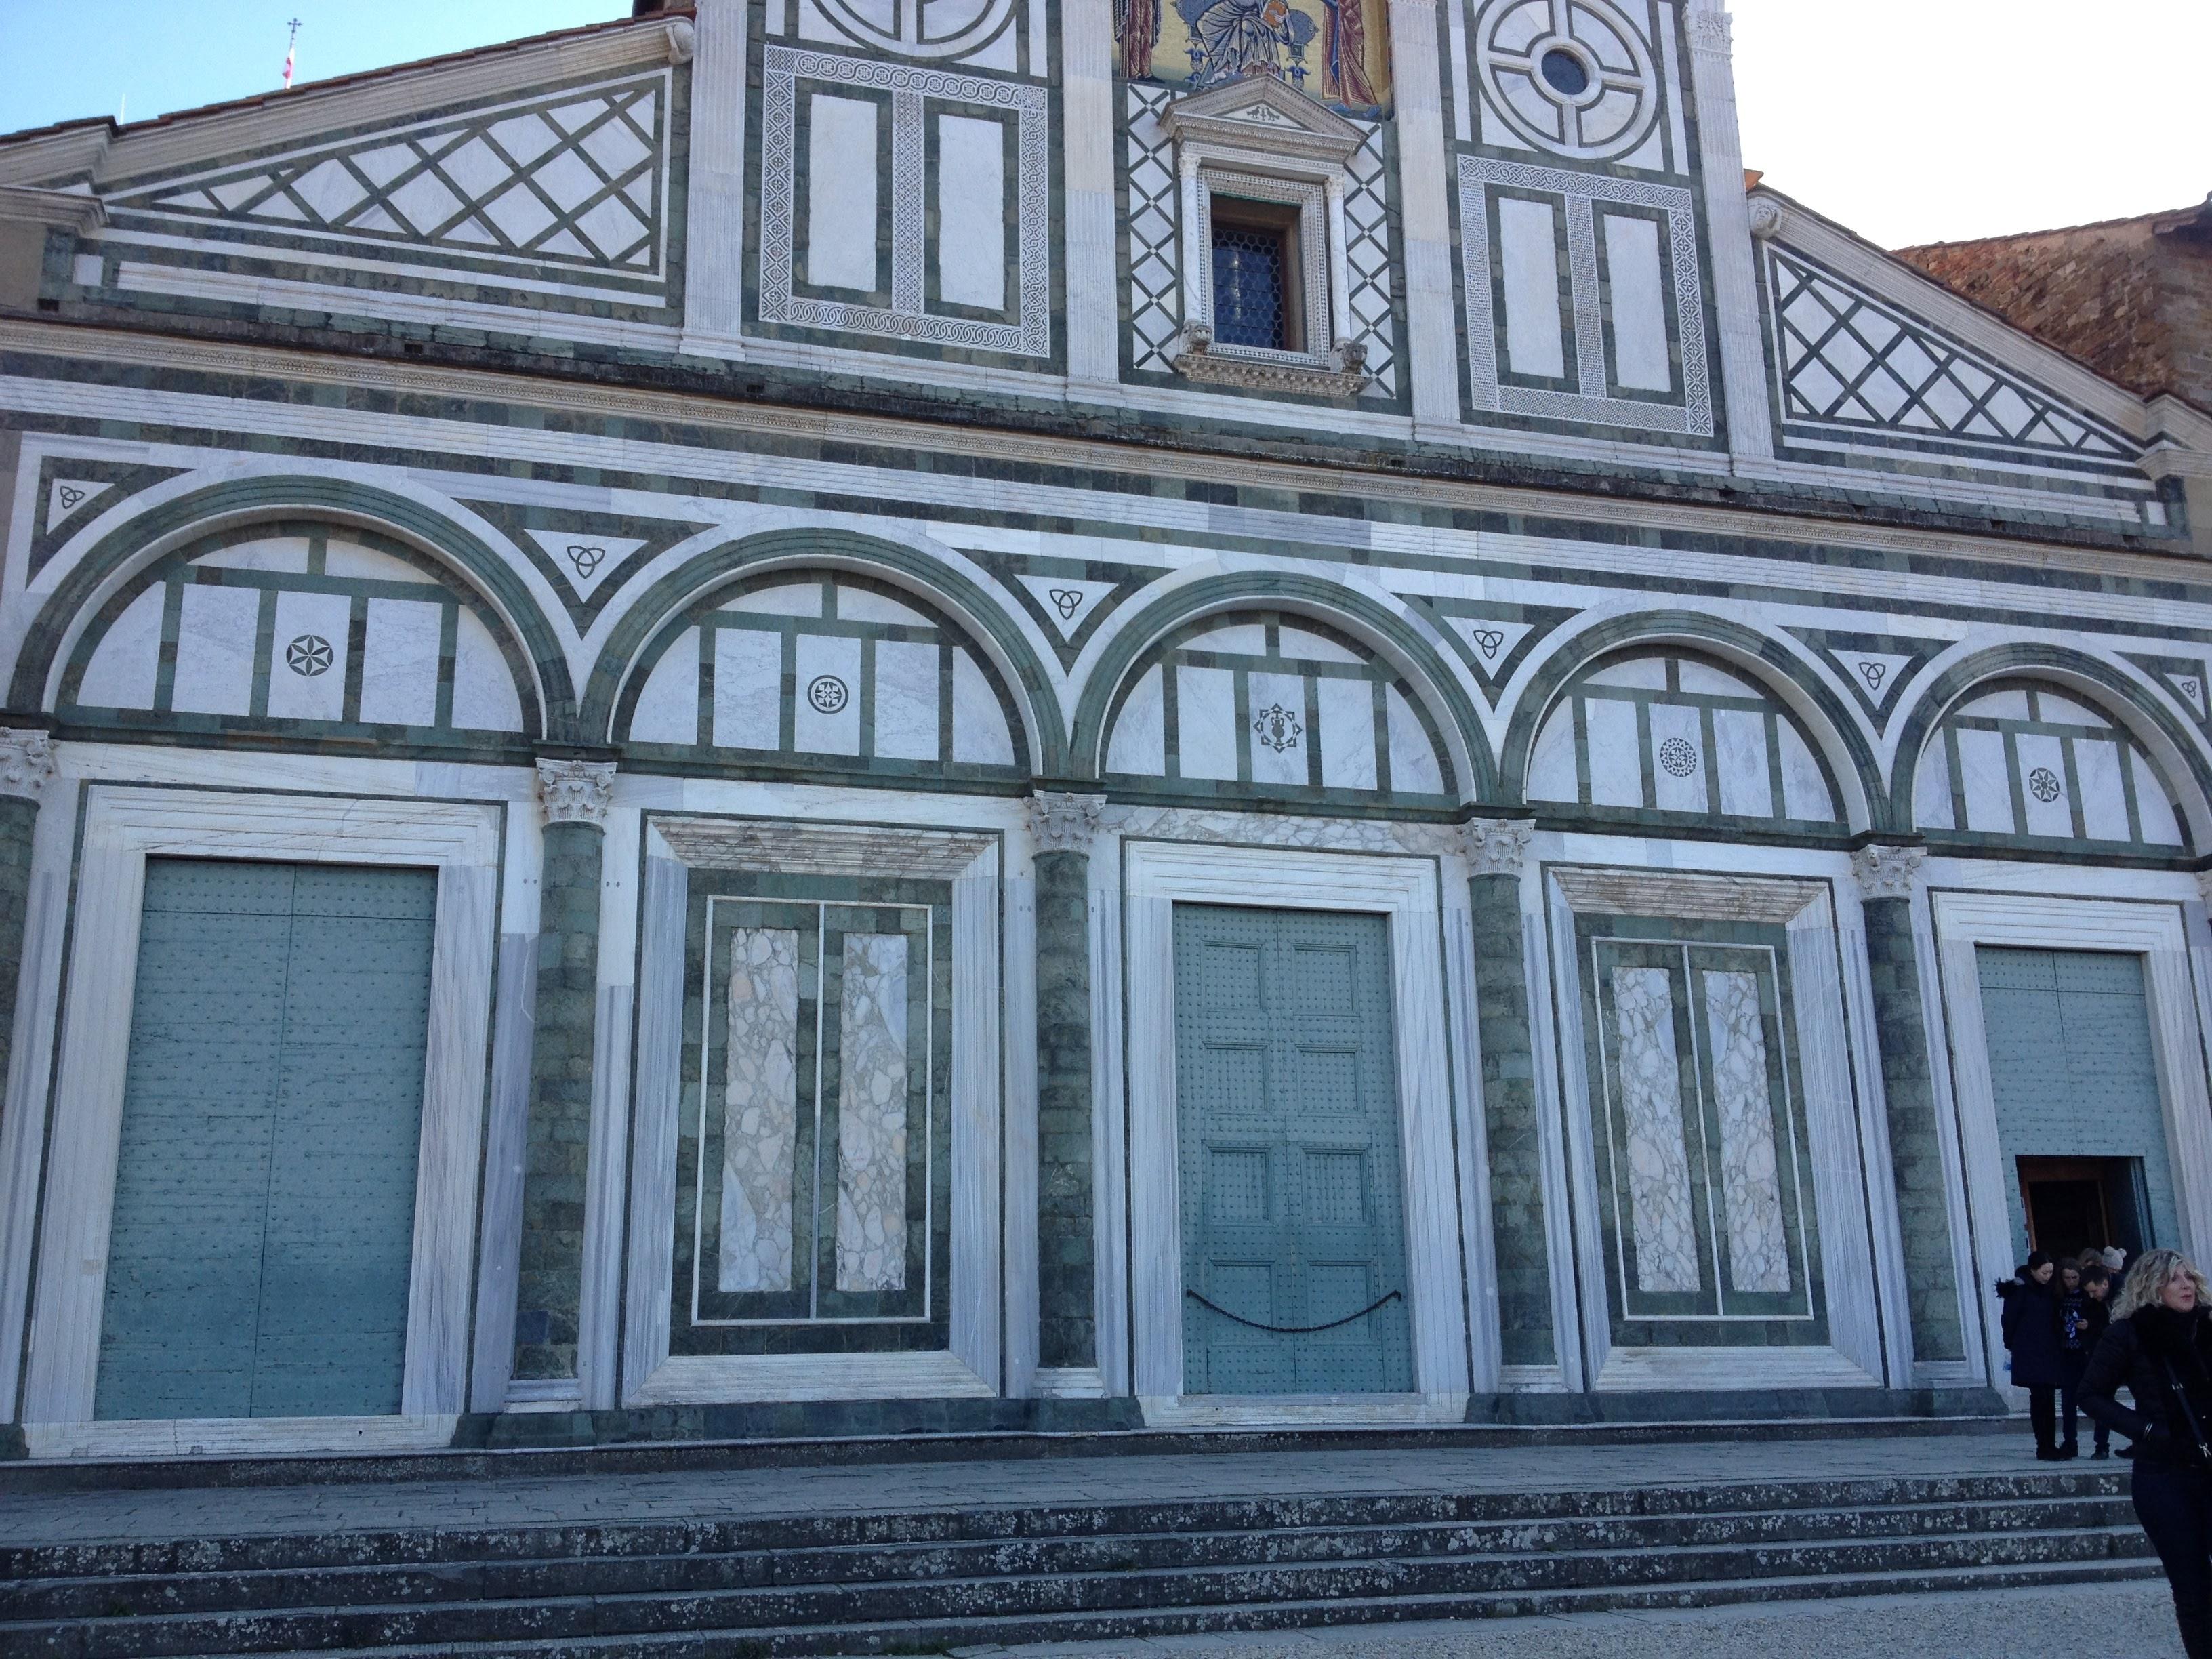 ロマネスク様式の美しい教会。外観は2時代に分けて建てられたので、様式の変化が面白いです。